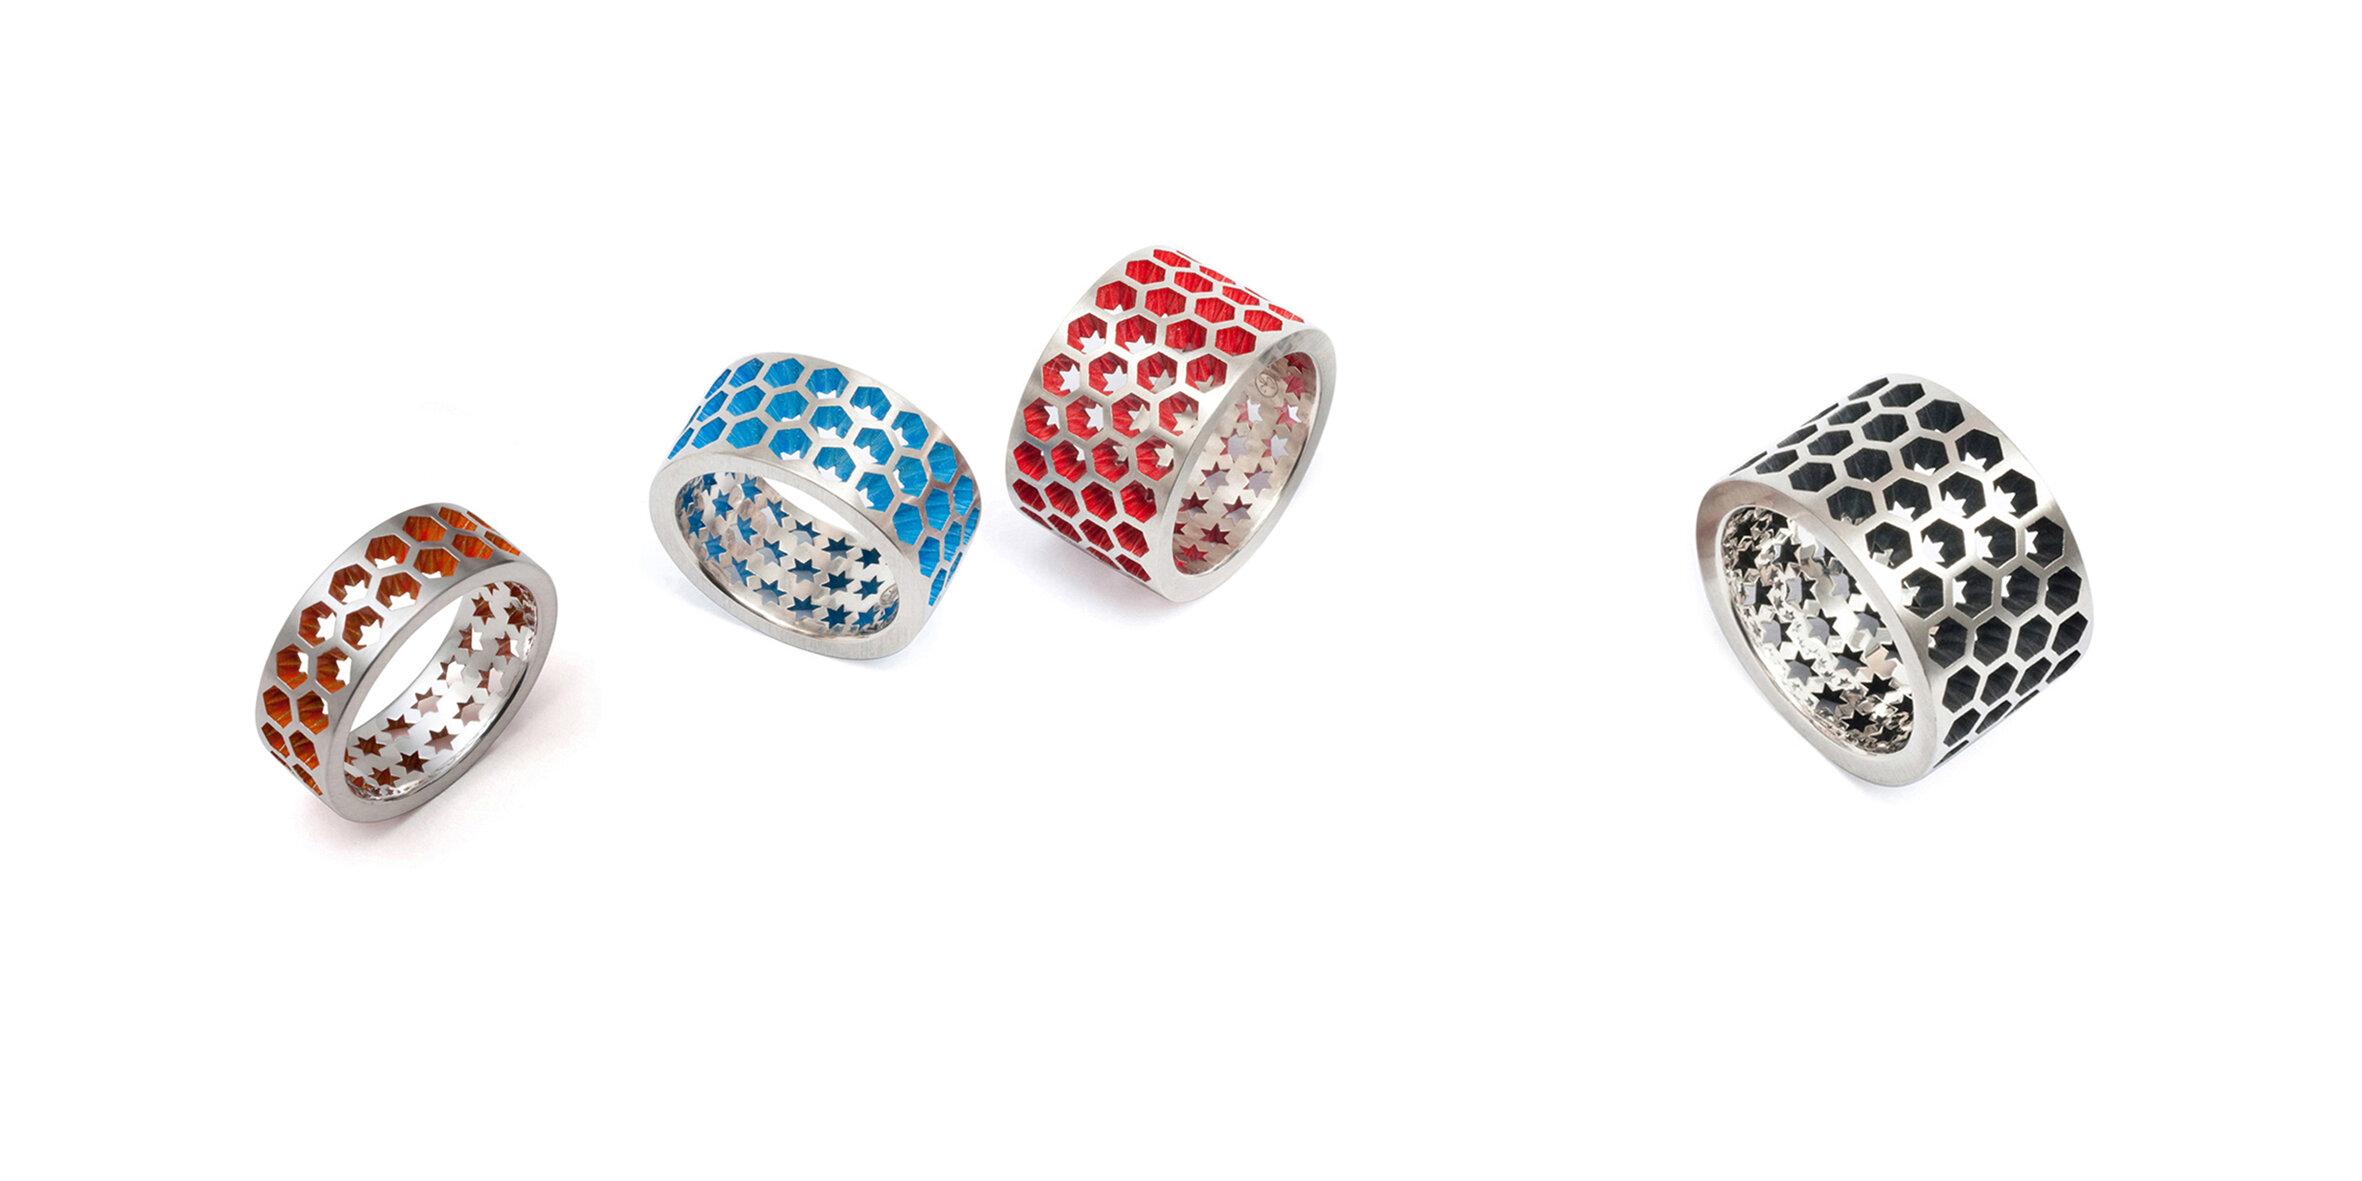 Hexar Rings